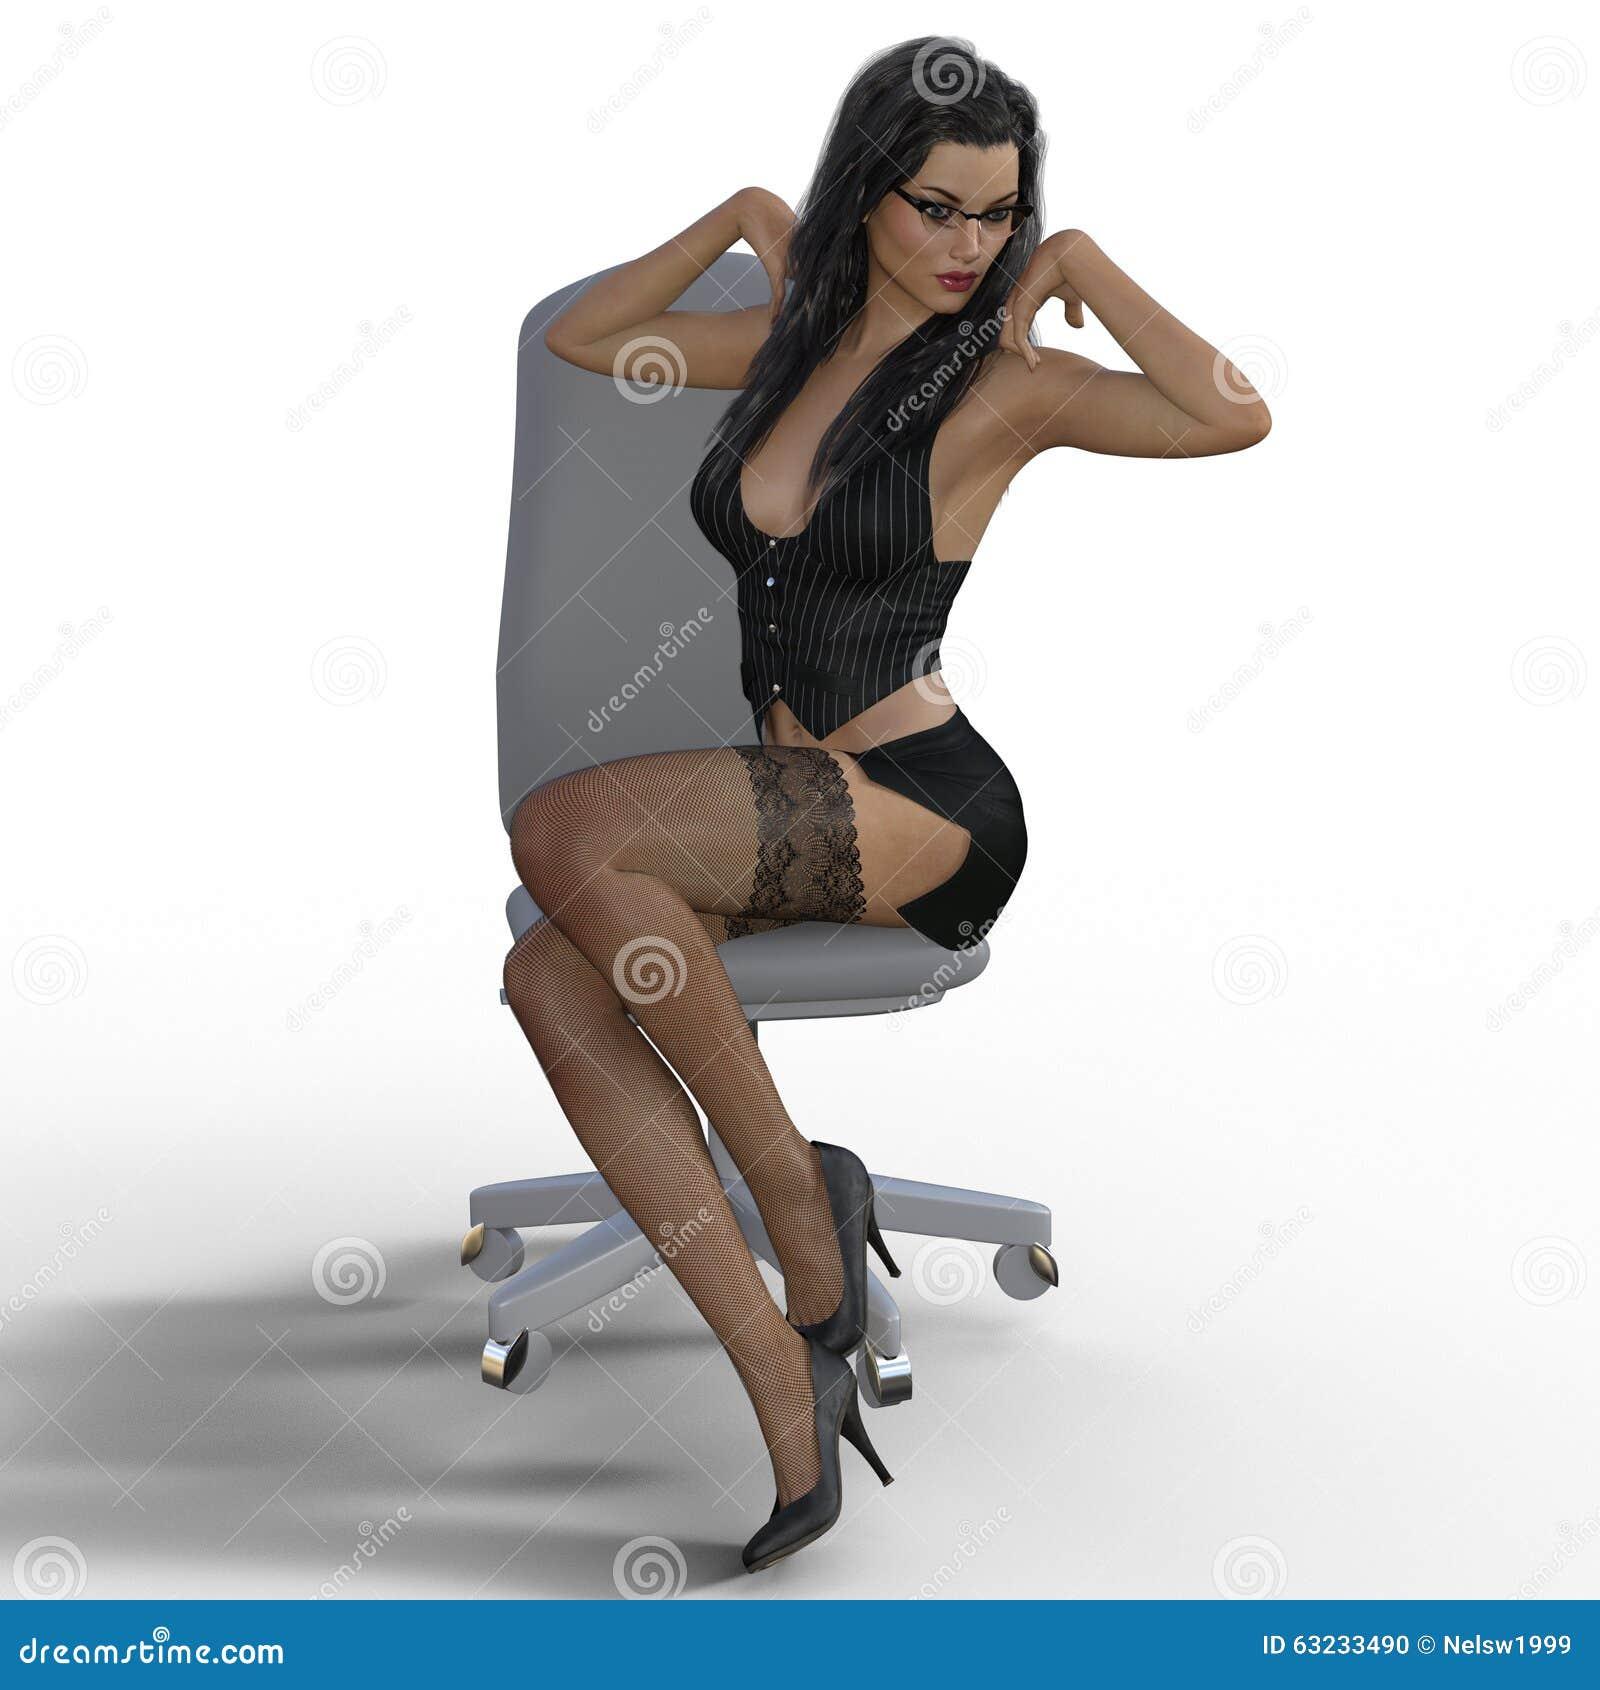 3d rendering of secretary on white background stock illustration